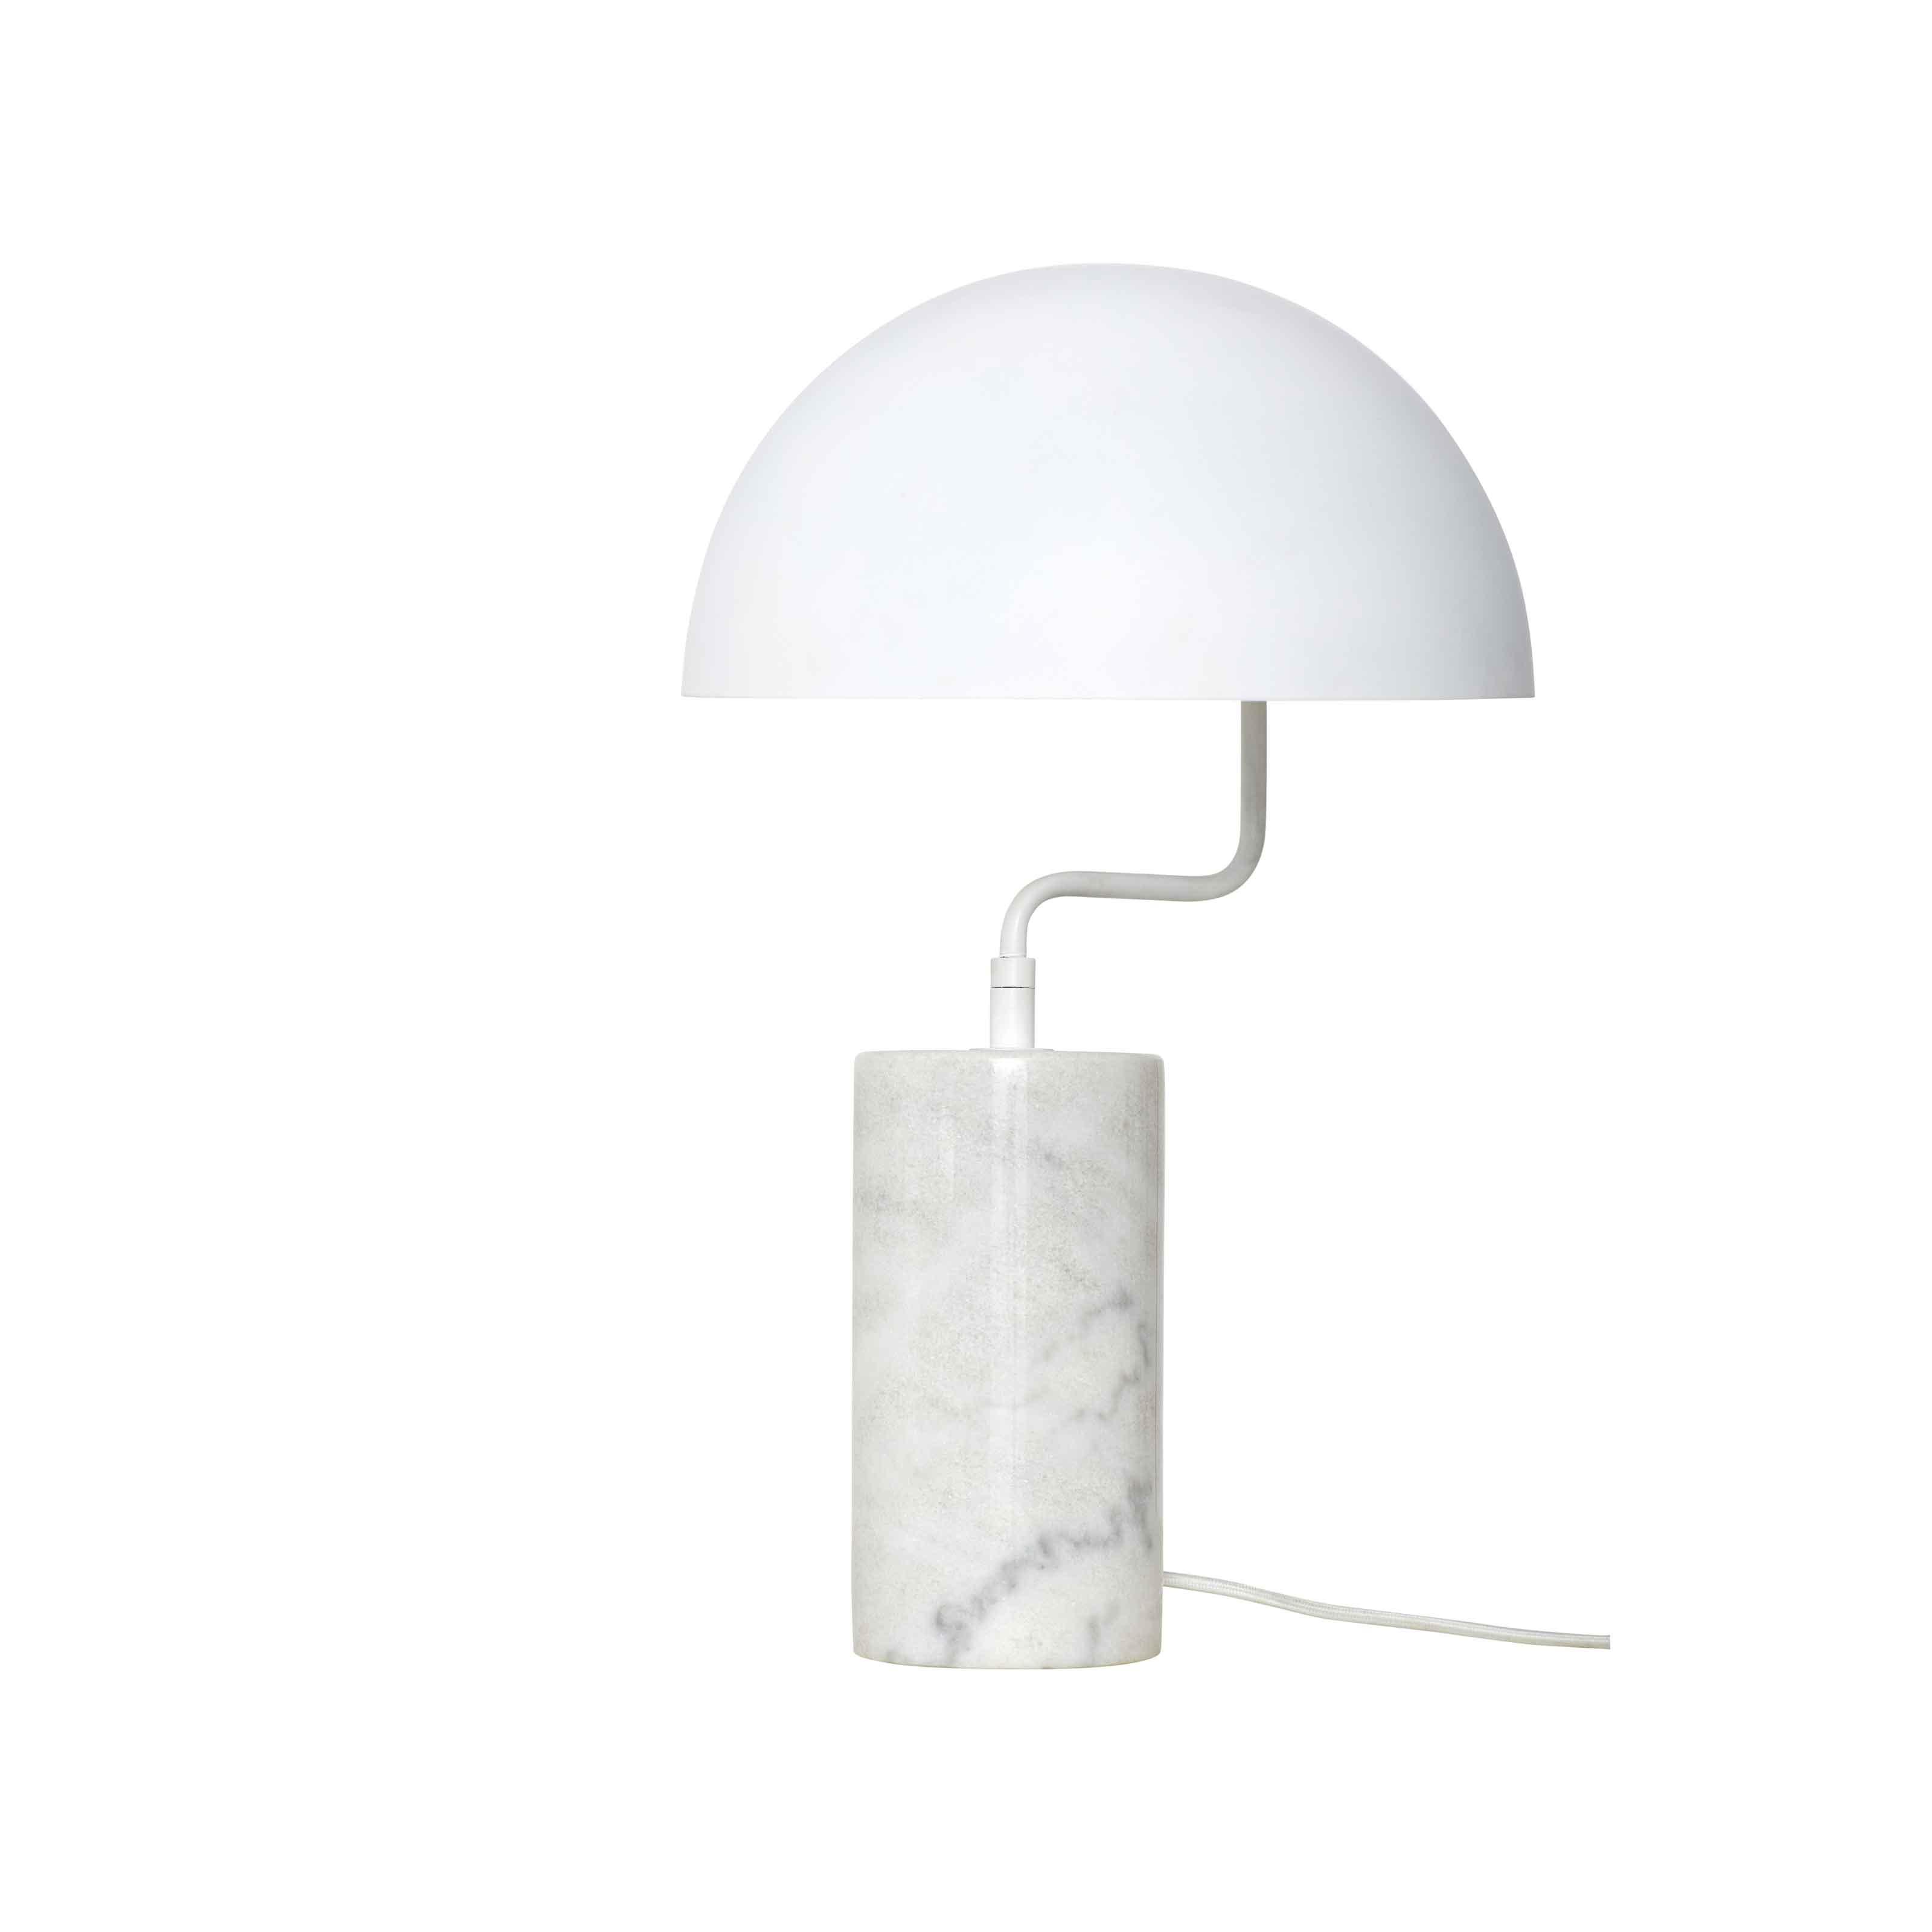 Billede af HÜBSCH bordlampe - Hvidt metal og marmor